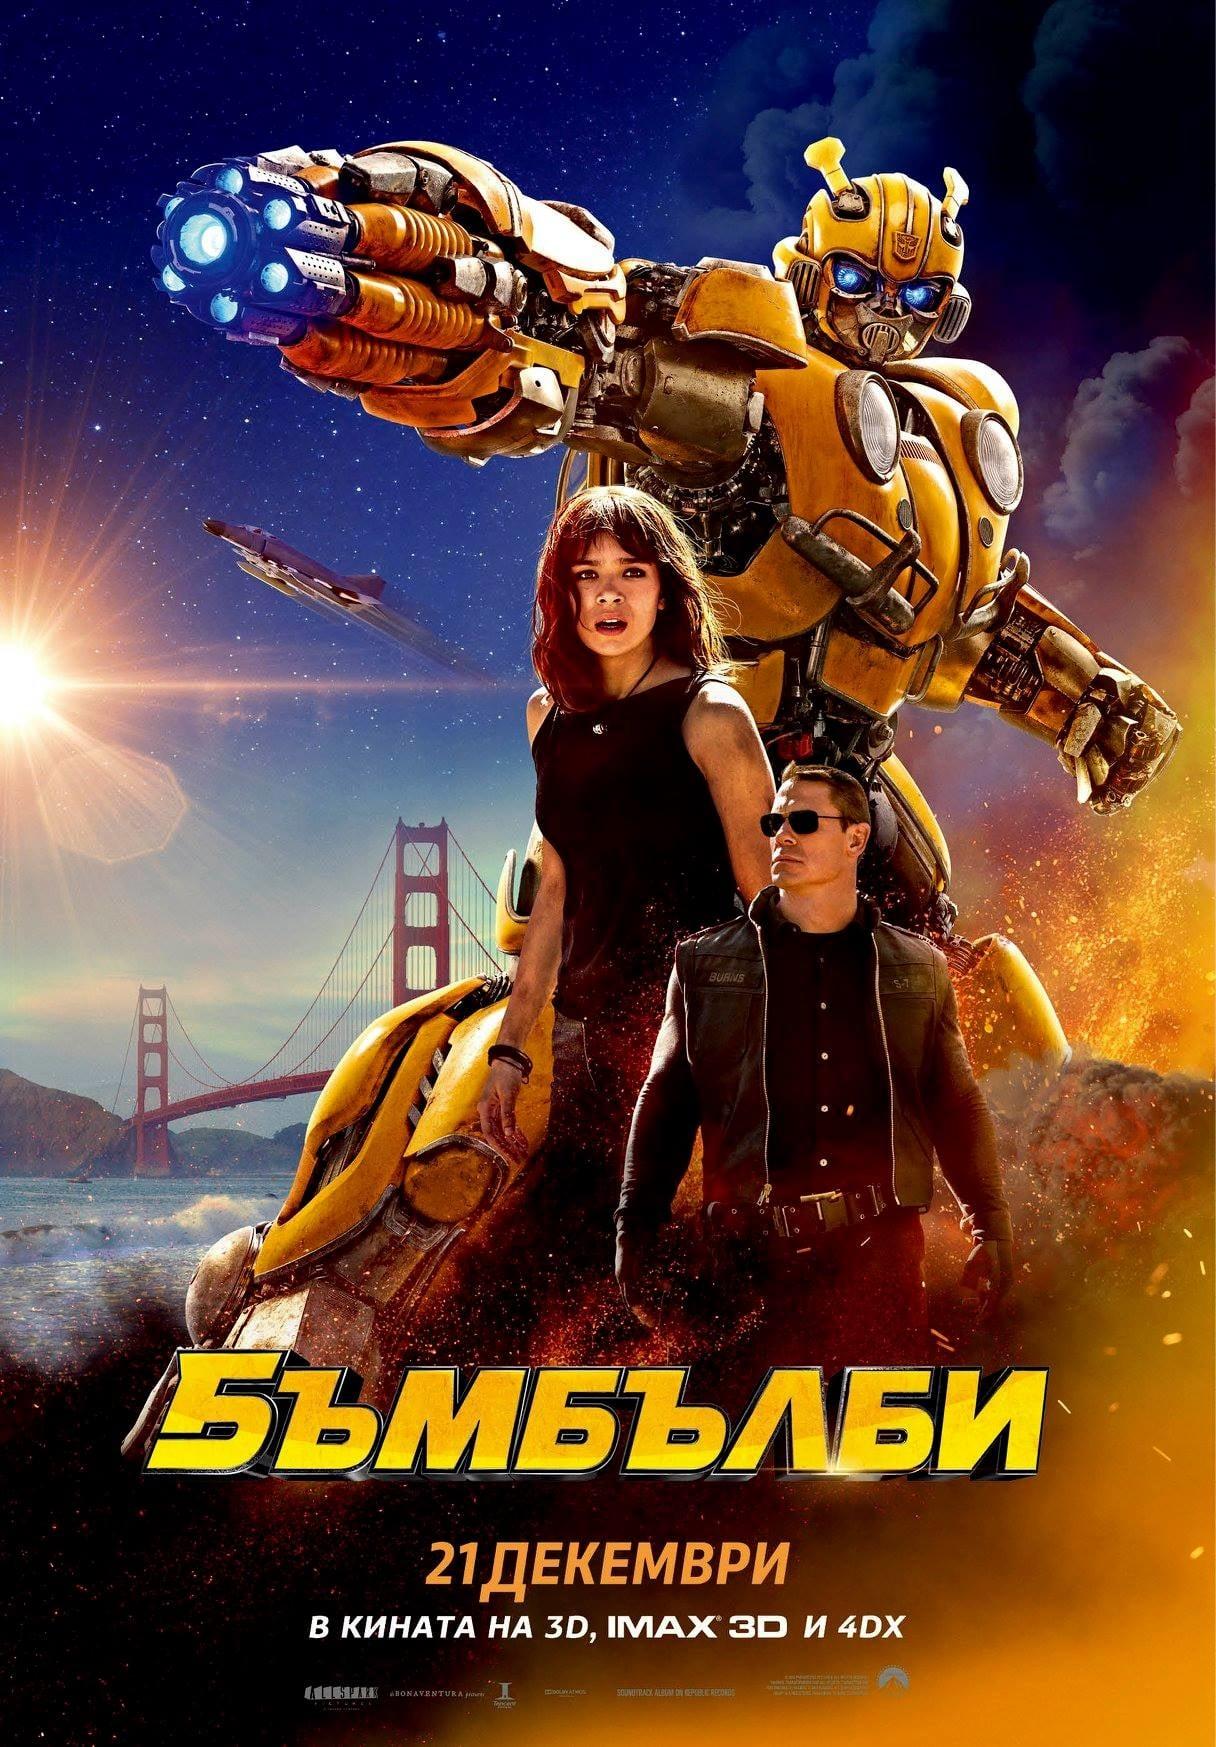 Transformers VI : Bumblebee / Трансформърс 6 : Бъмбълби (2018)